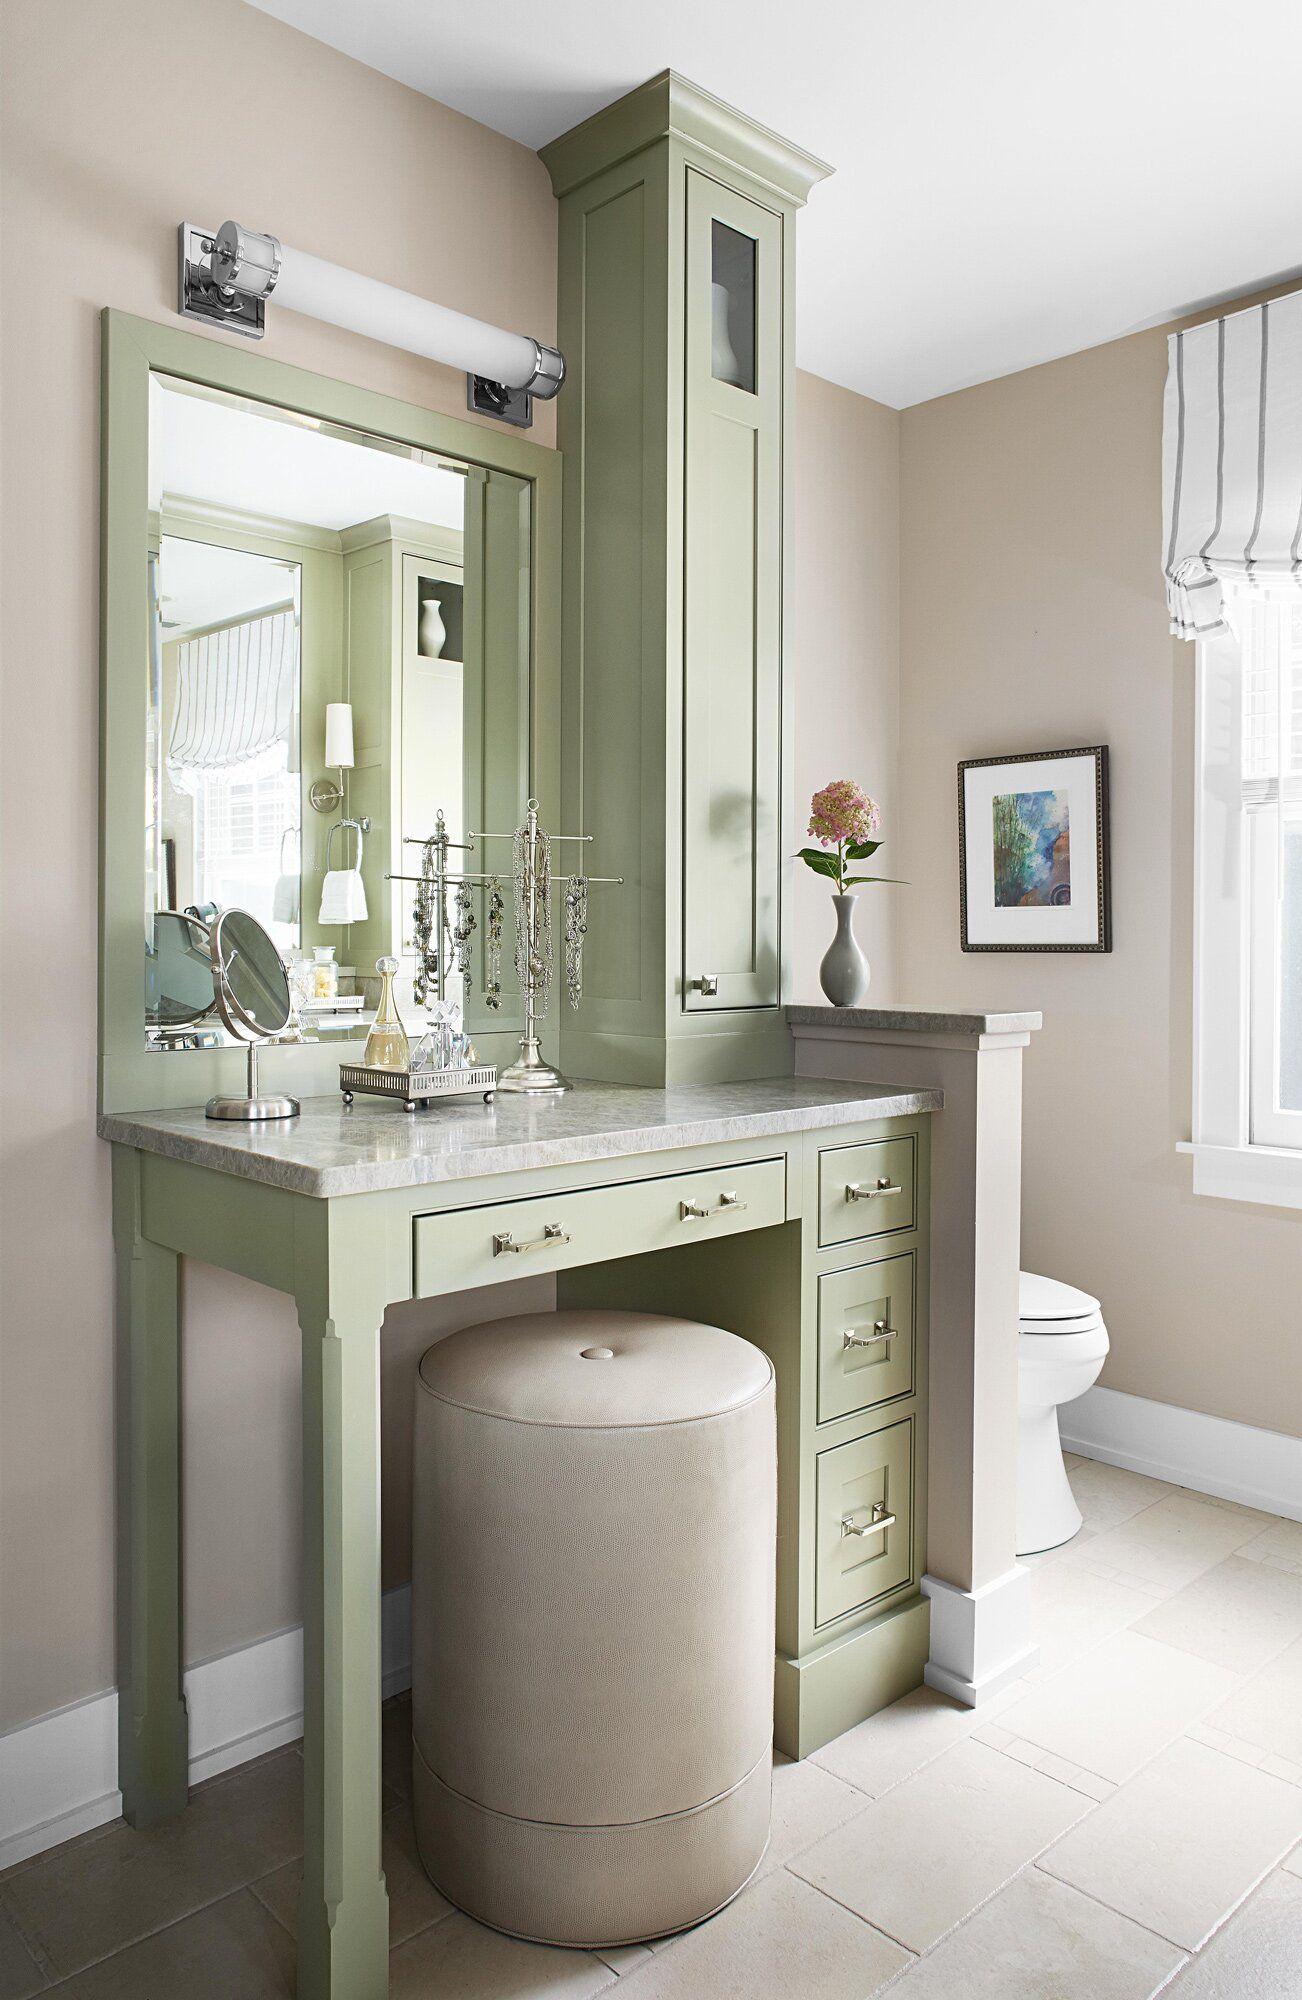 16 Beige Bathroom Ideas For A Relaxing Spa Worthy Escape In 2020 Beige Bathroom Decorating Bathroom Green Bathroom